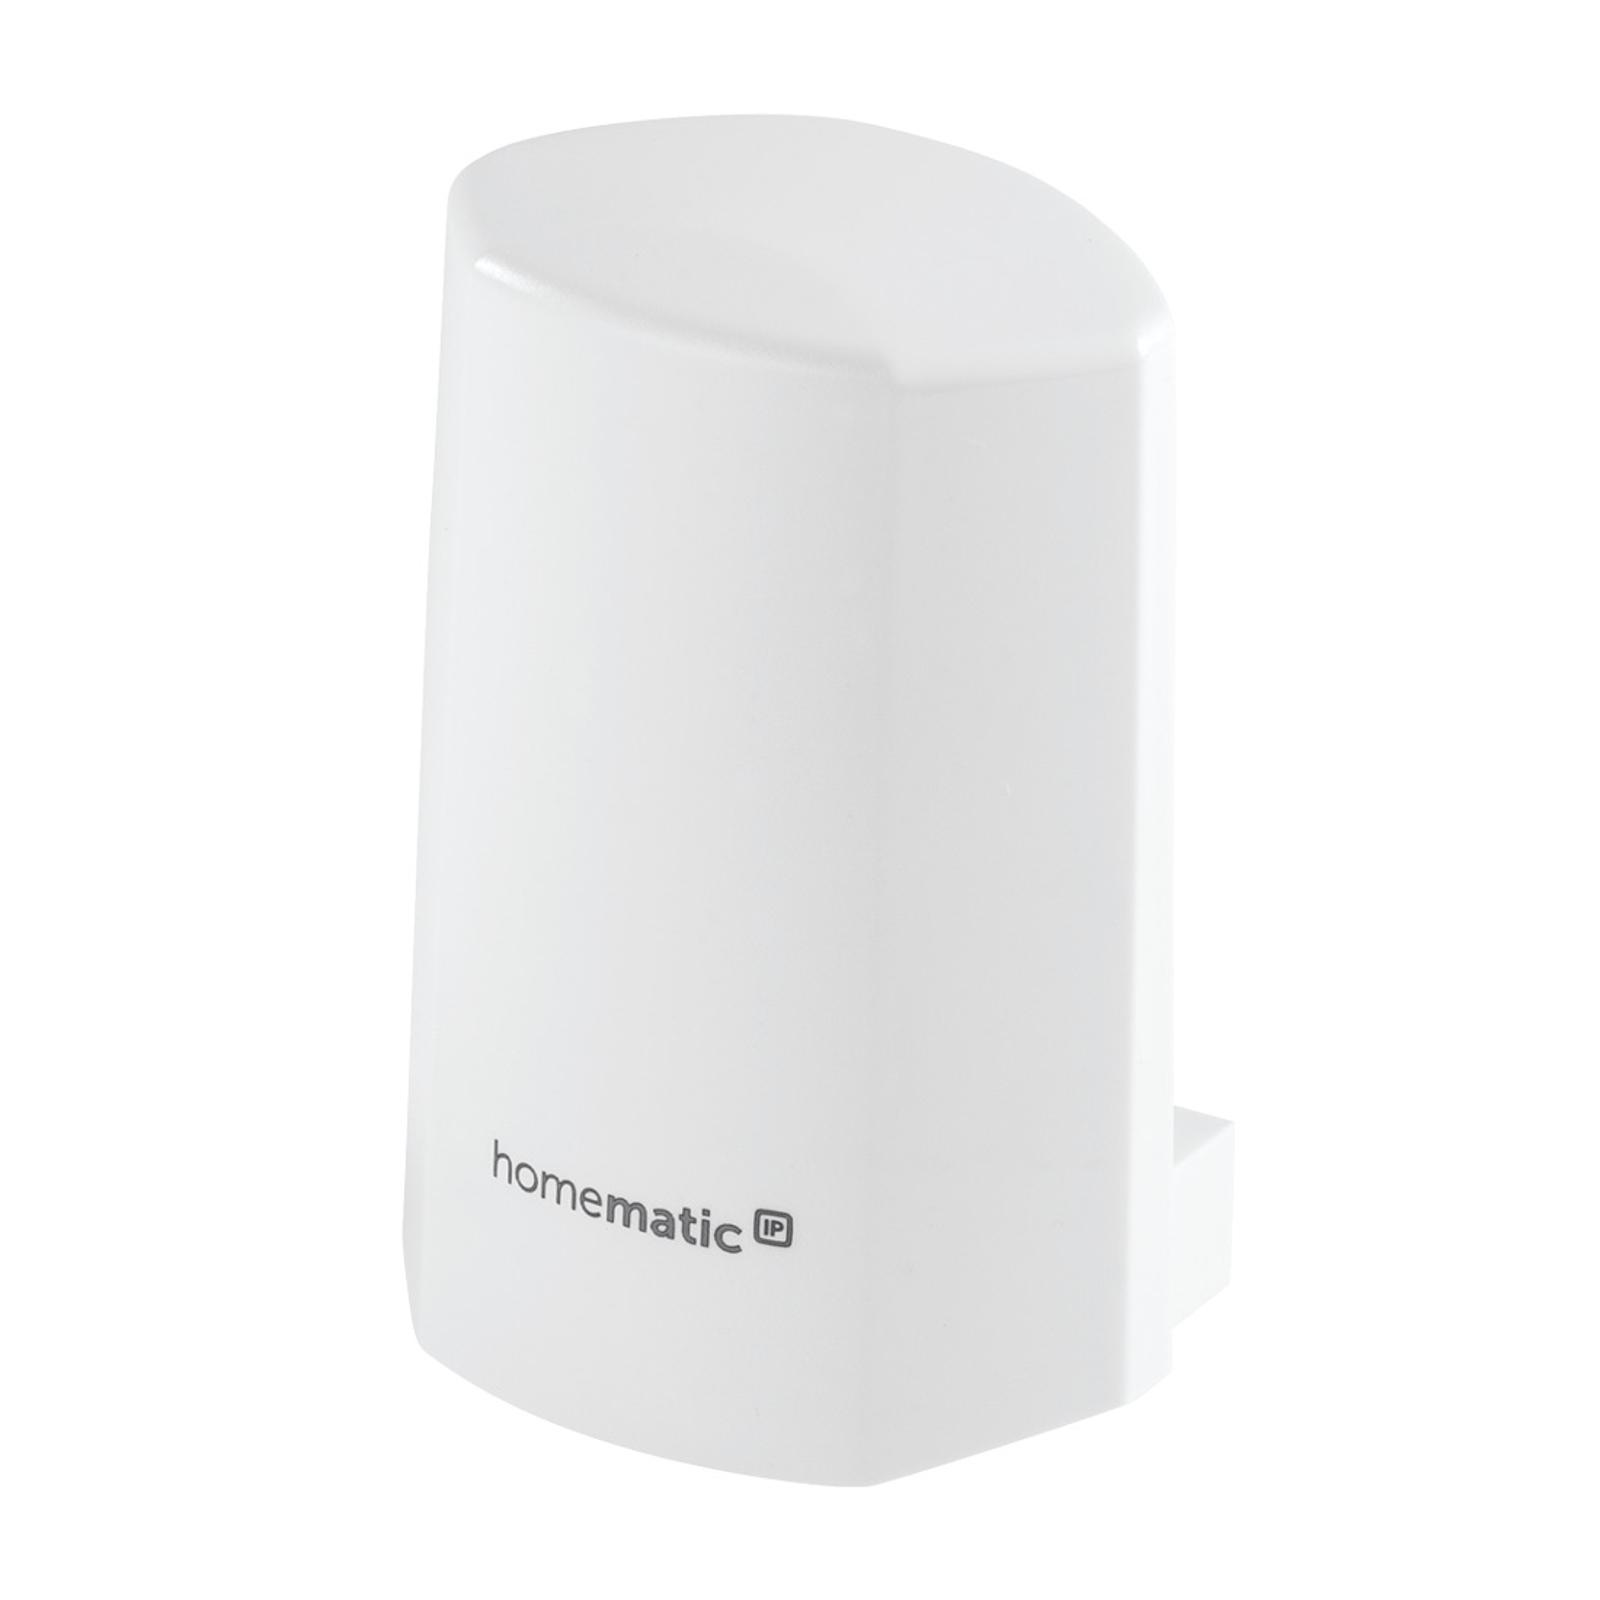 Homematic IP Temperatur-/Feuchtesensor außen weiß